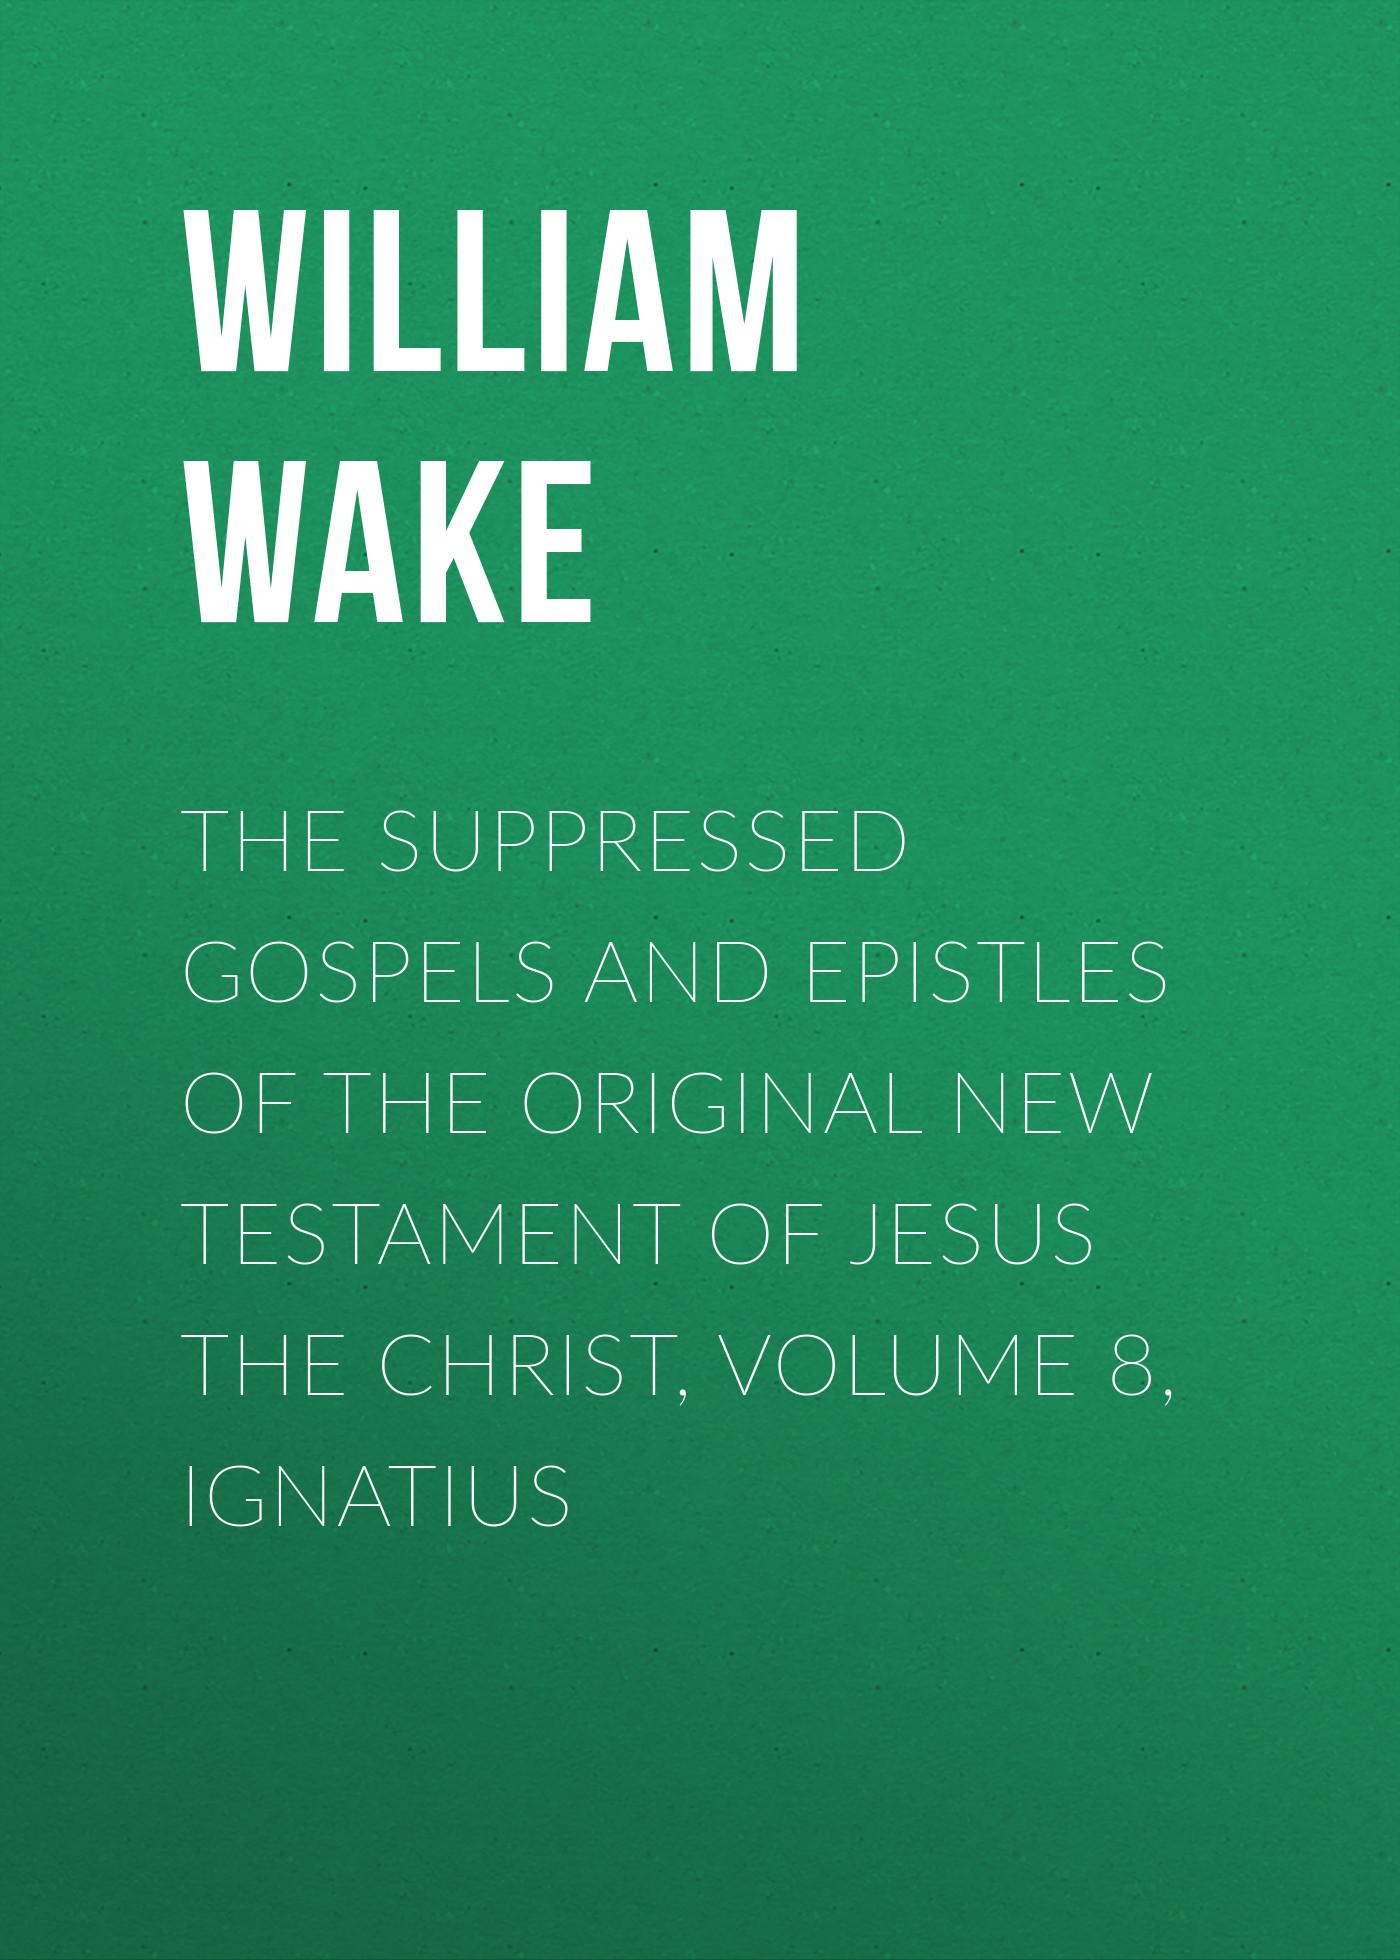 William Wake The suppressed Gospels and Epistles of the original New Testament of Jesus the Christ, Volume 8, Ignatius стоимость